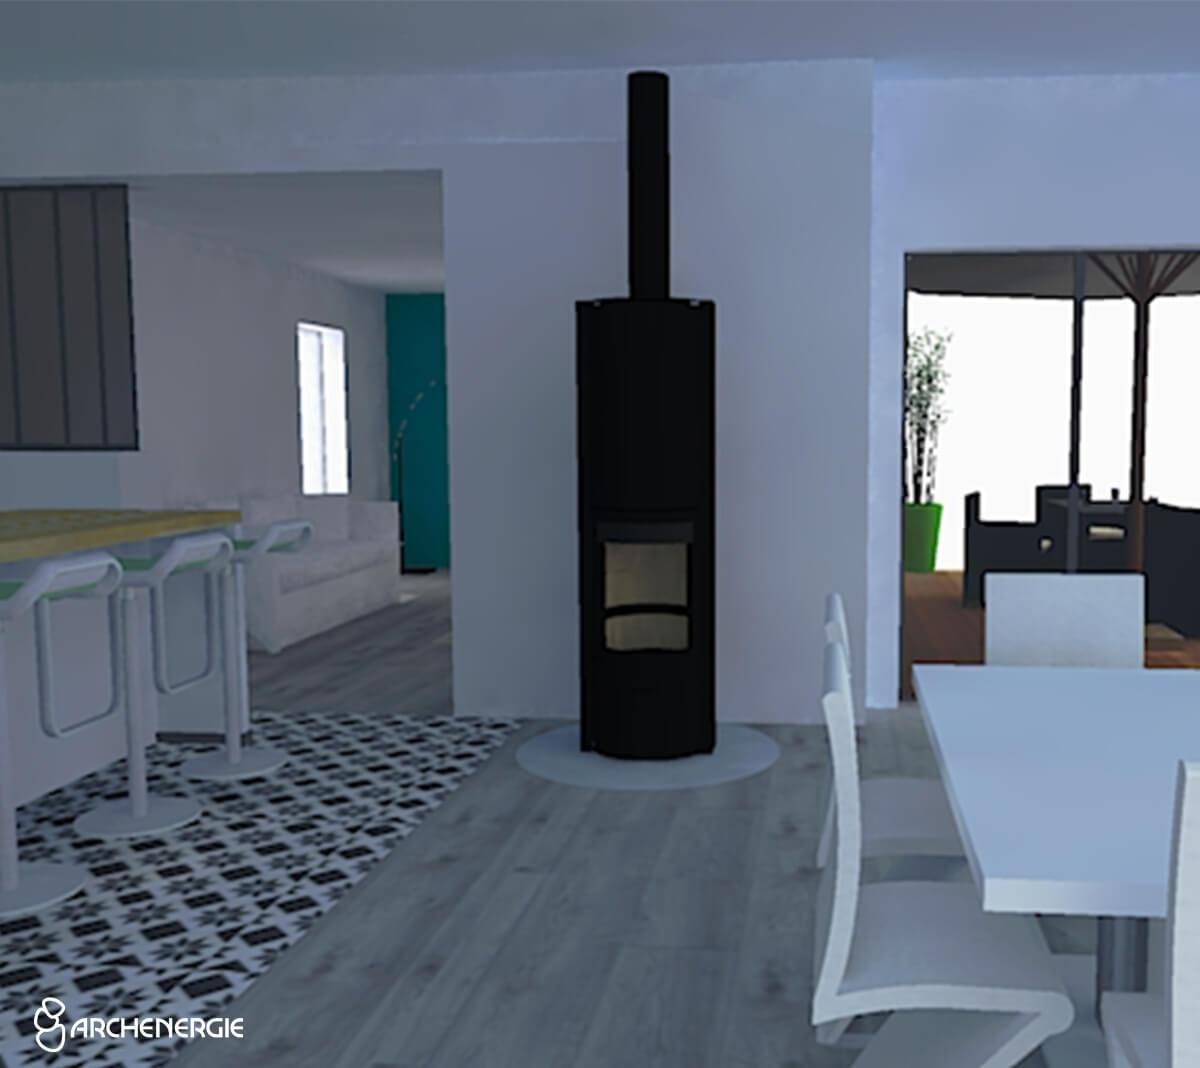 Création de plans 2D et 3D de maison en Gironde - Archenergie